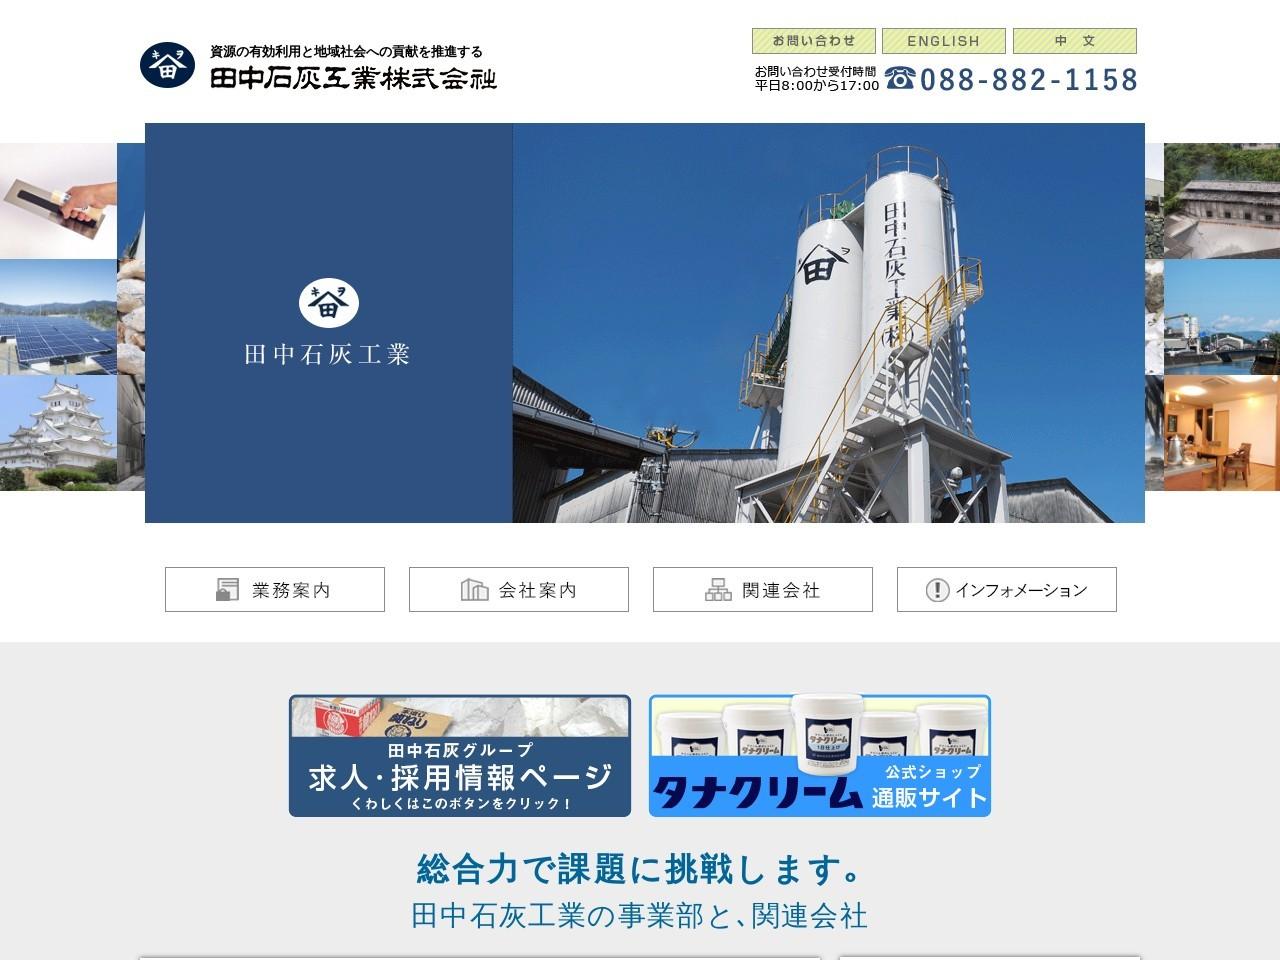 田中石灰工業株式会社本社